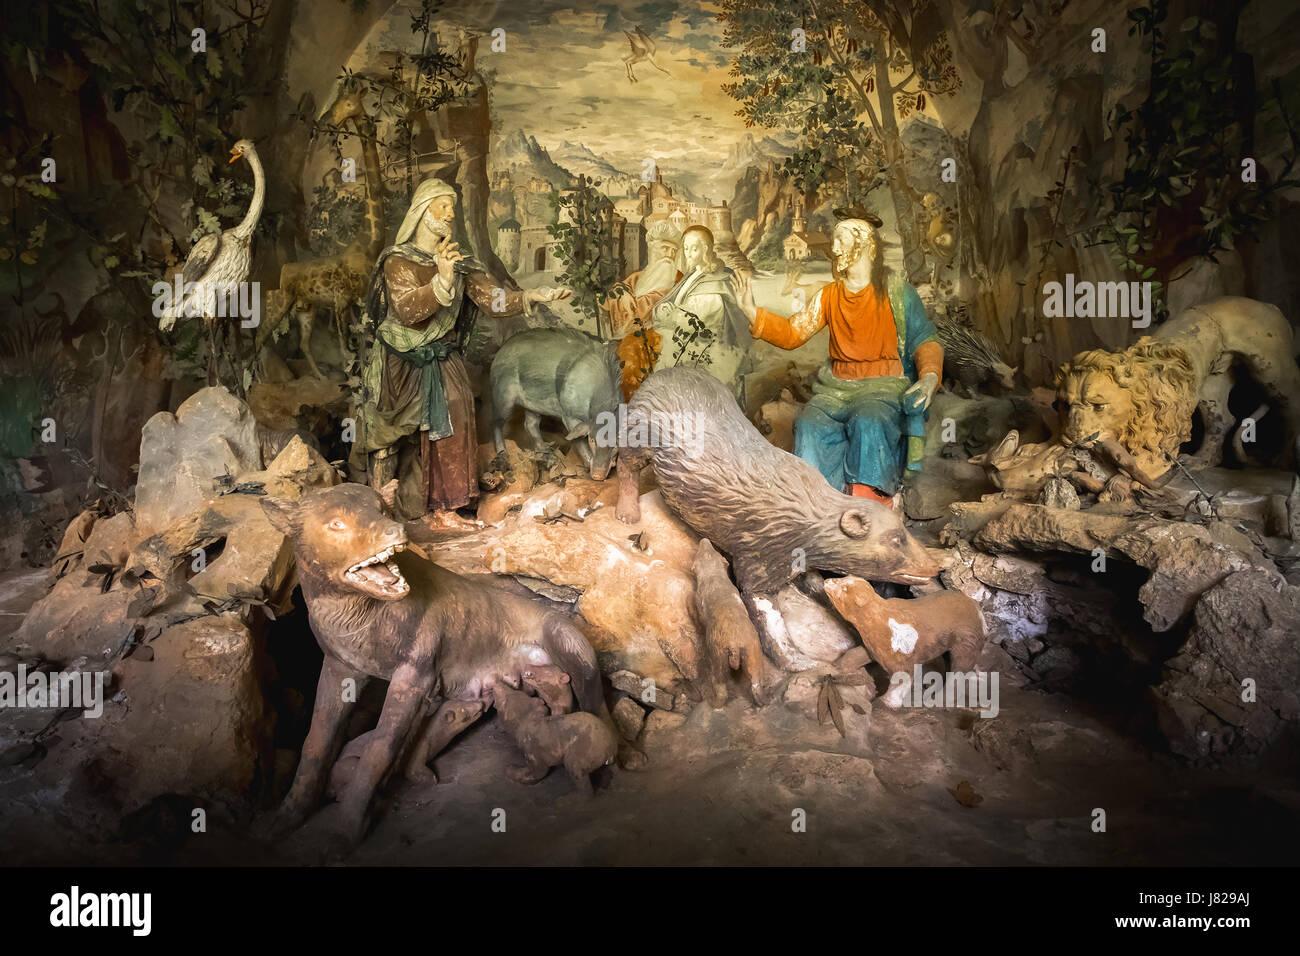 Sacro Monte di Varallo, Piemont, Italien, 23. Mai 2017 - eine biblische Szene Darstellung einer Terrakotta Jesus Stockfoto